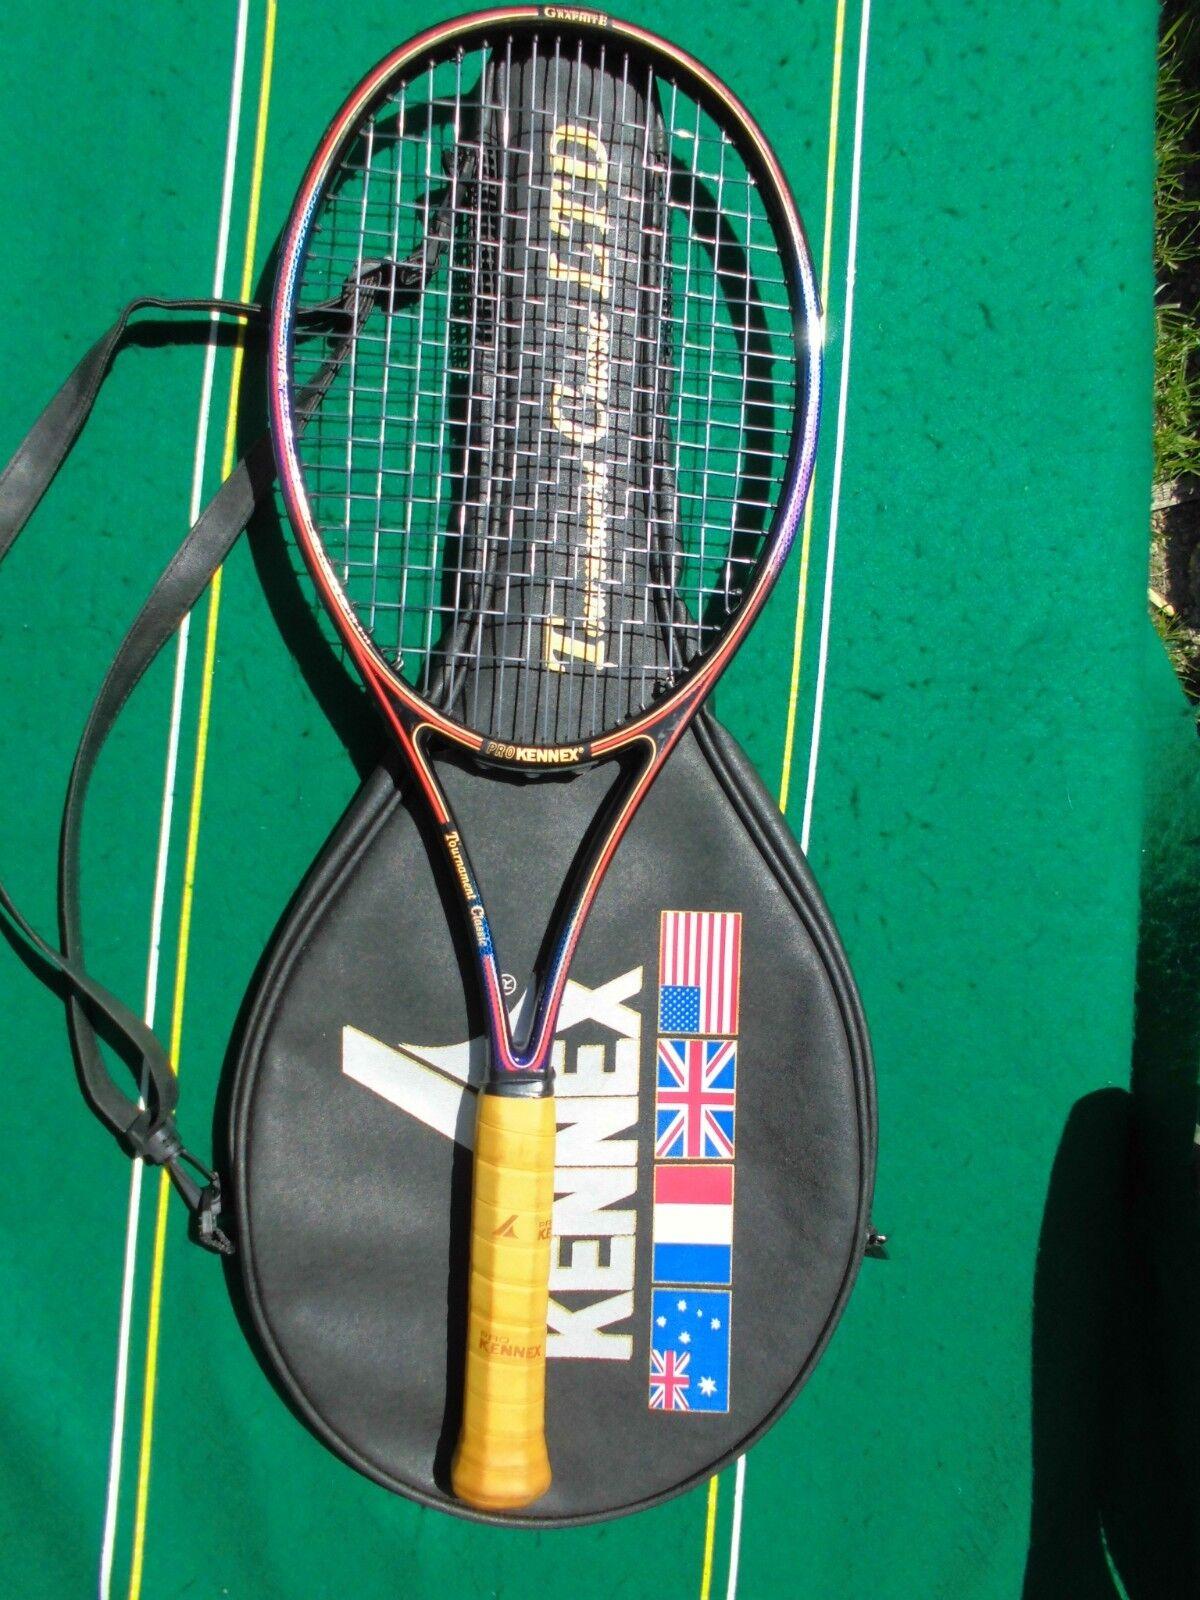 Prokennex torneo clásico Tamaño Mediano 16x19 Encordada Raqueta limitada 4 1 2 Cubierta Excl +